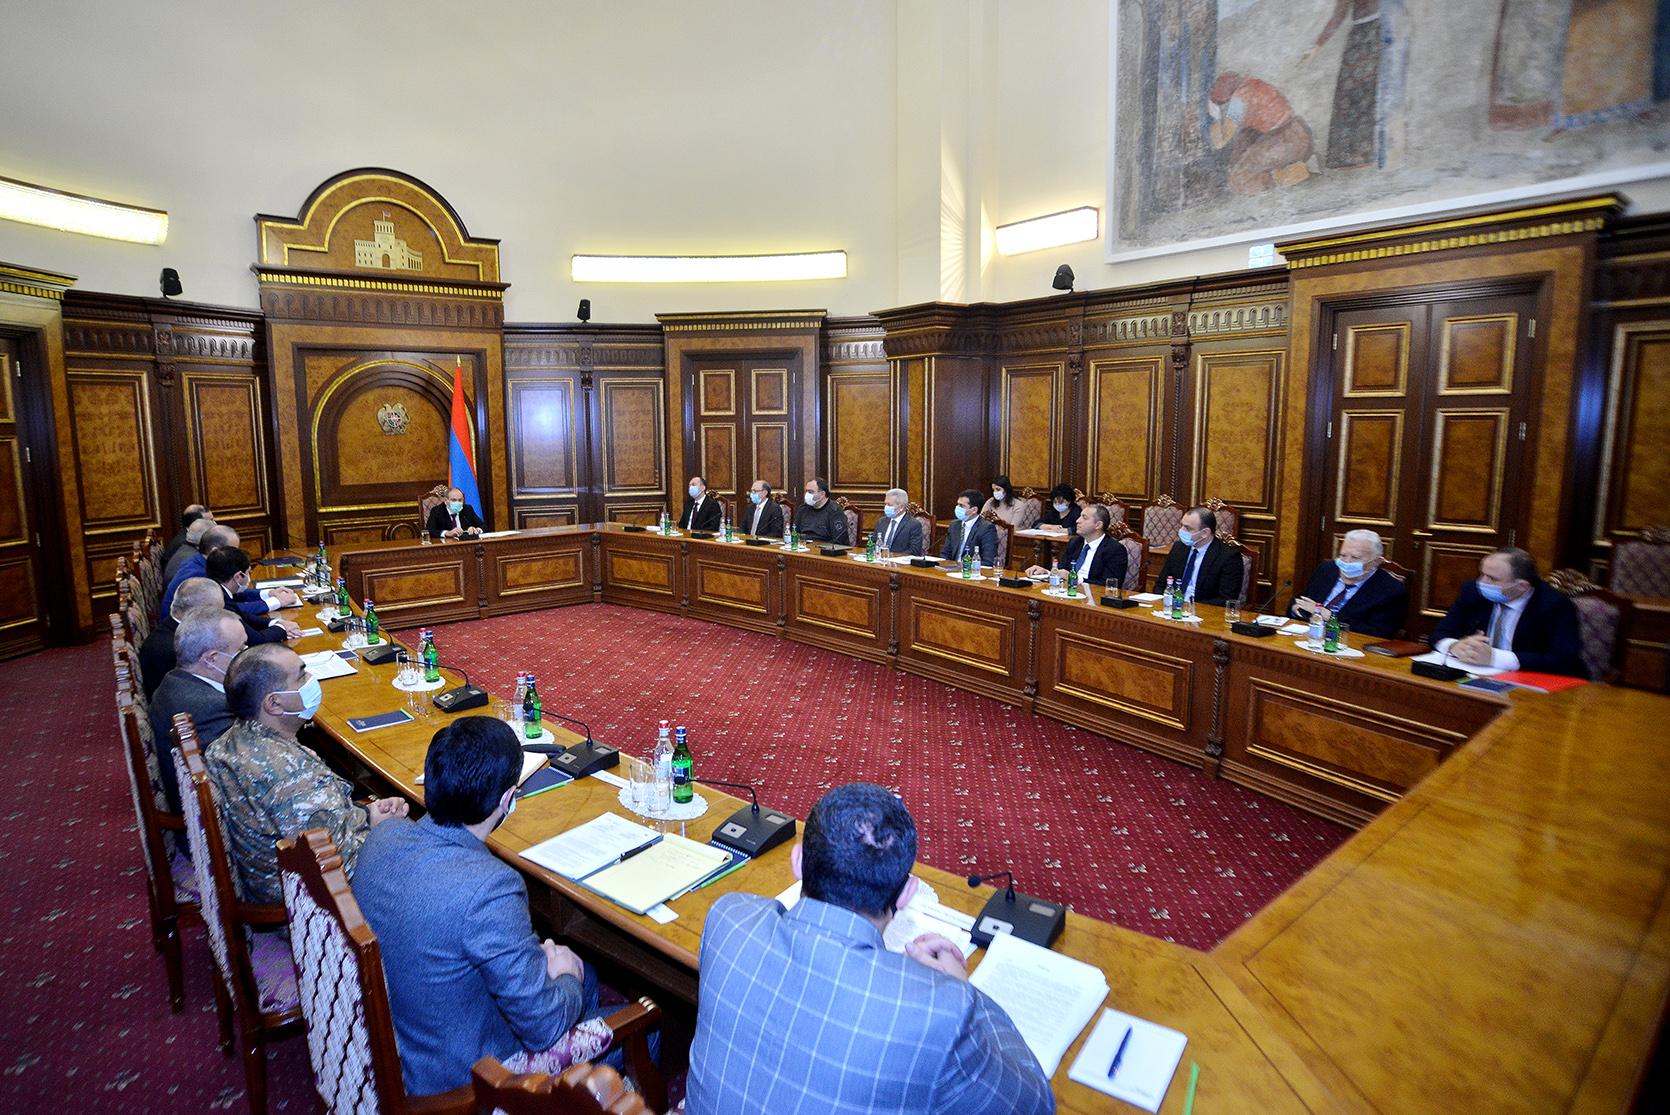 Photo of Պետք է իրատեսական ծրագրեր իրականացնել ռազմարդյունաբերության ոլորտում. վարչապետ